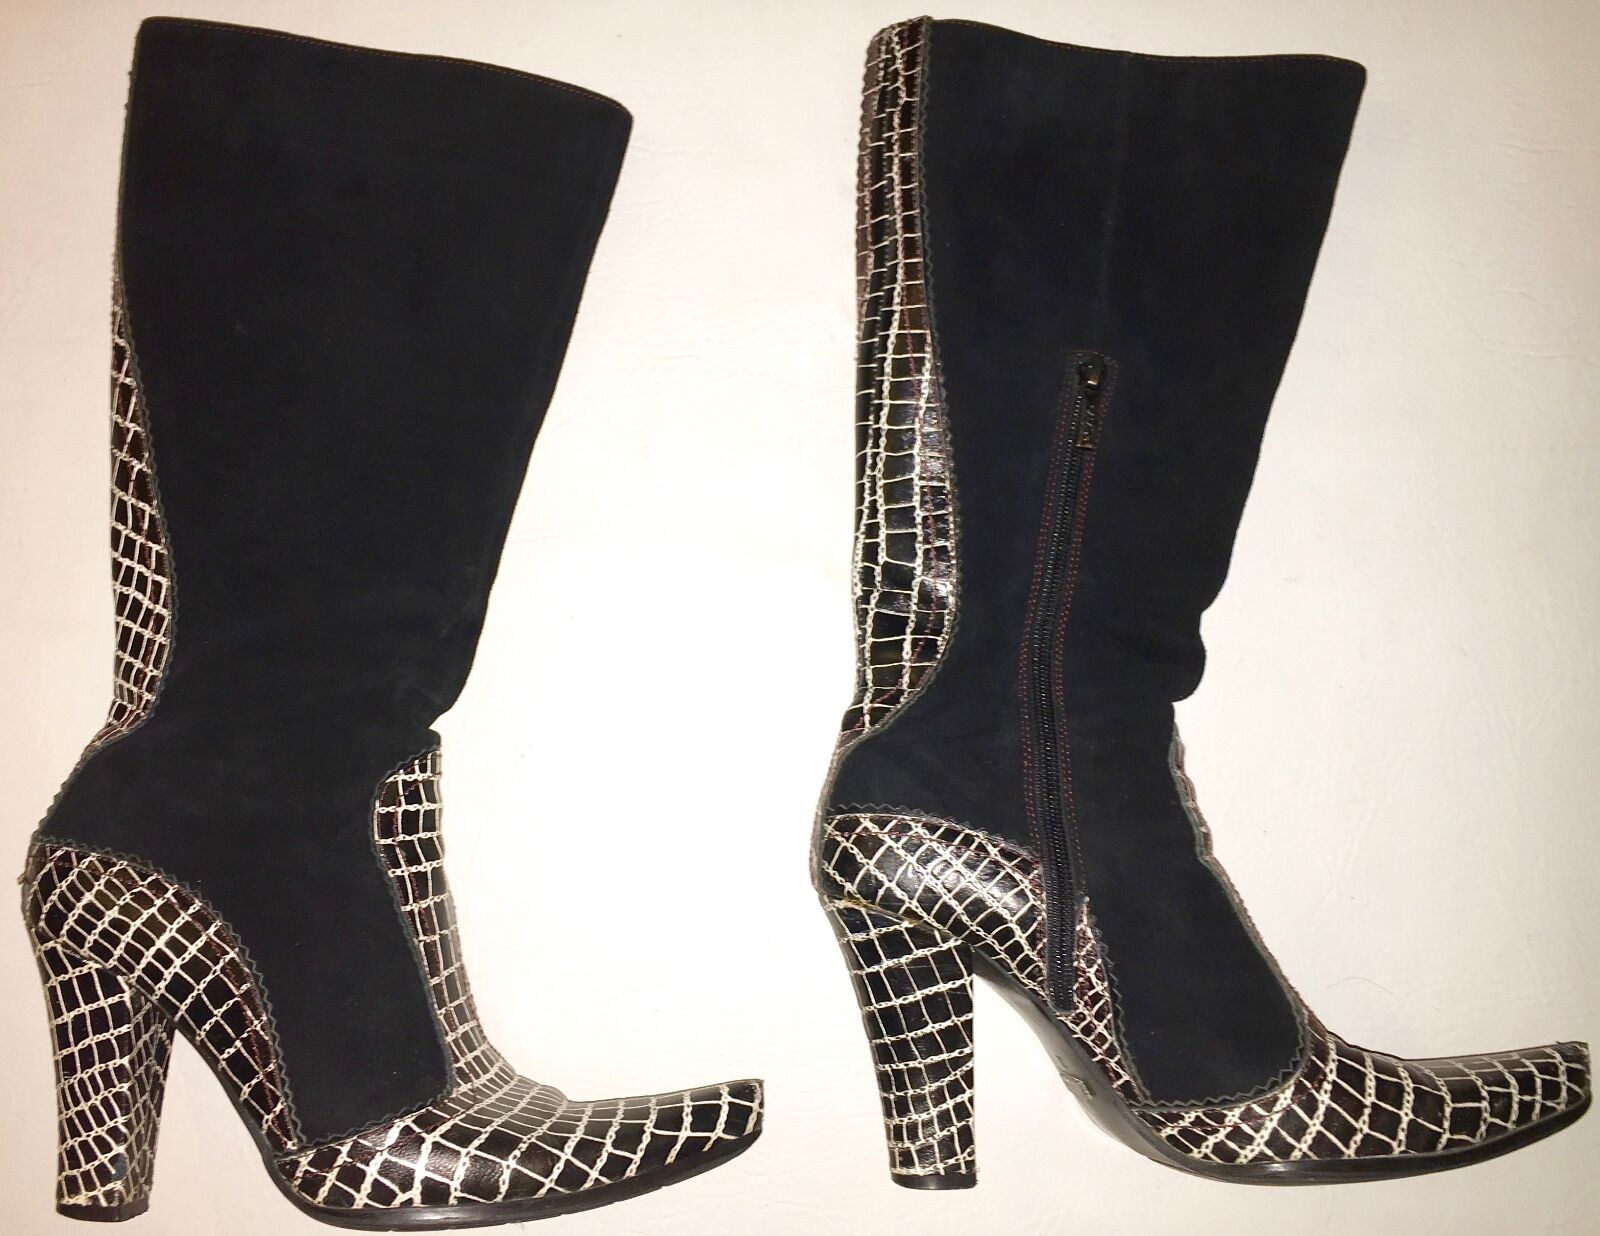 Para mujer Talla 8 8 8 (38), blancoo Y Negro botas De Cuero, Suade Patten por Casadei  Los mejores precios y los estilos más frescos.